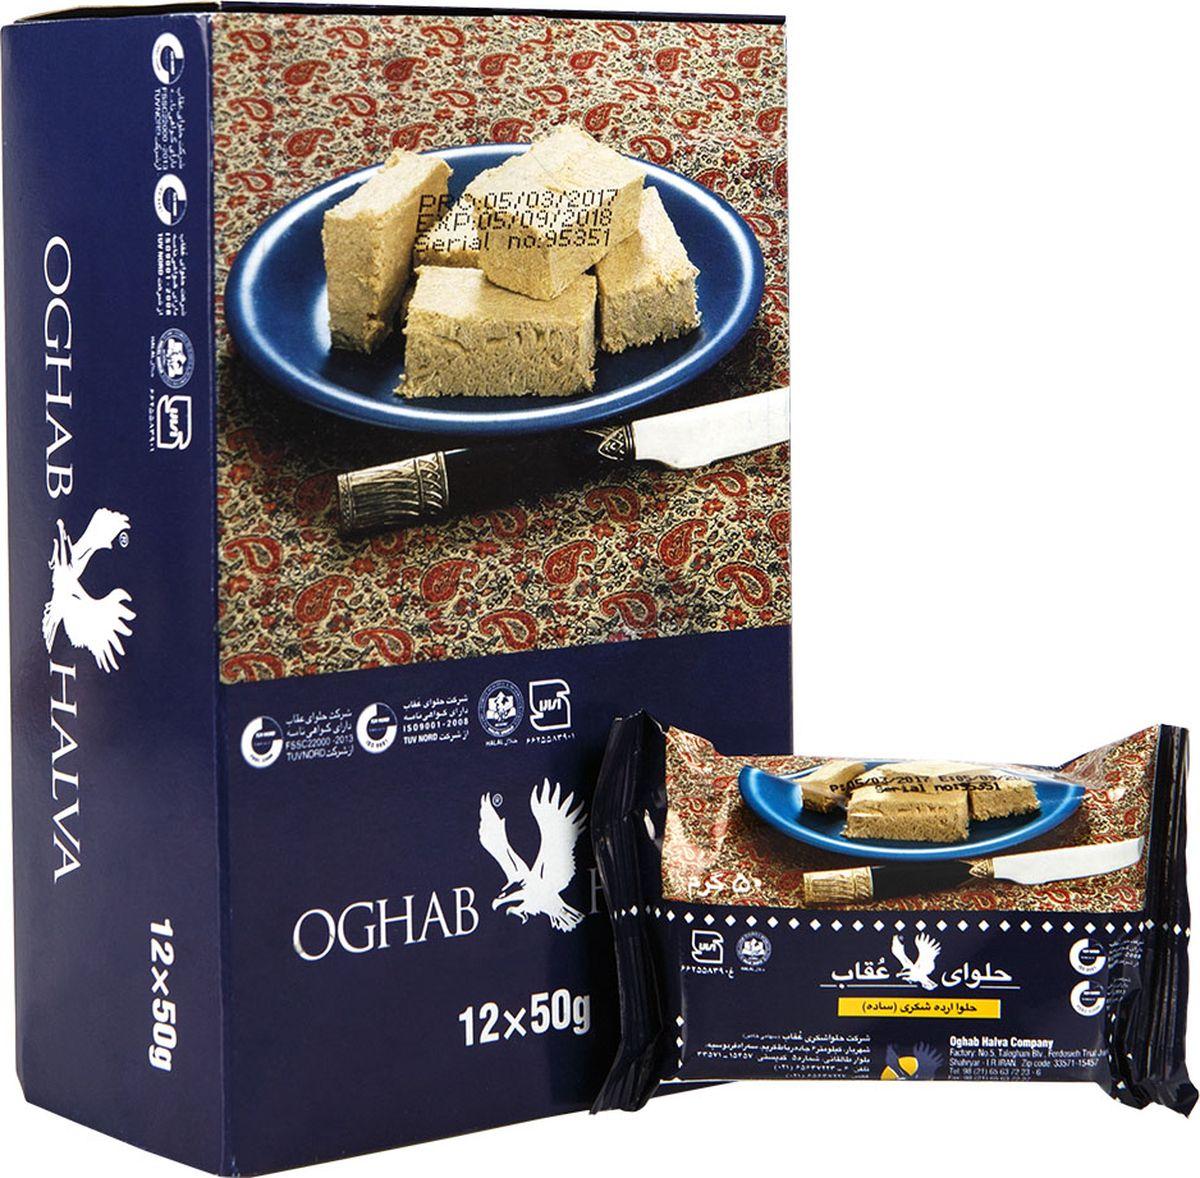 Oghab халва кунжутная, 50 г6260008900076Кунжутная халва КомпанииOghab изготавливается на основе мякоти кунжутного семени, что придает данному лакомству интересную горчинку и изысканное послевкусие. Несомненна и польза халвы - продукт способен насытить наш организм цинком и марганцем, в нем также много меди, фосфора и кальция. Кроме того данное лакомство имеет в своем составе железо, аскорбиновую кислоту, витамины F, В1 и Е.